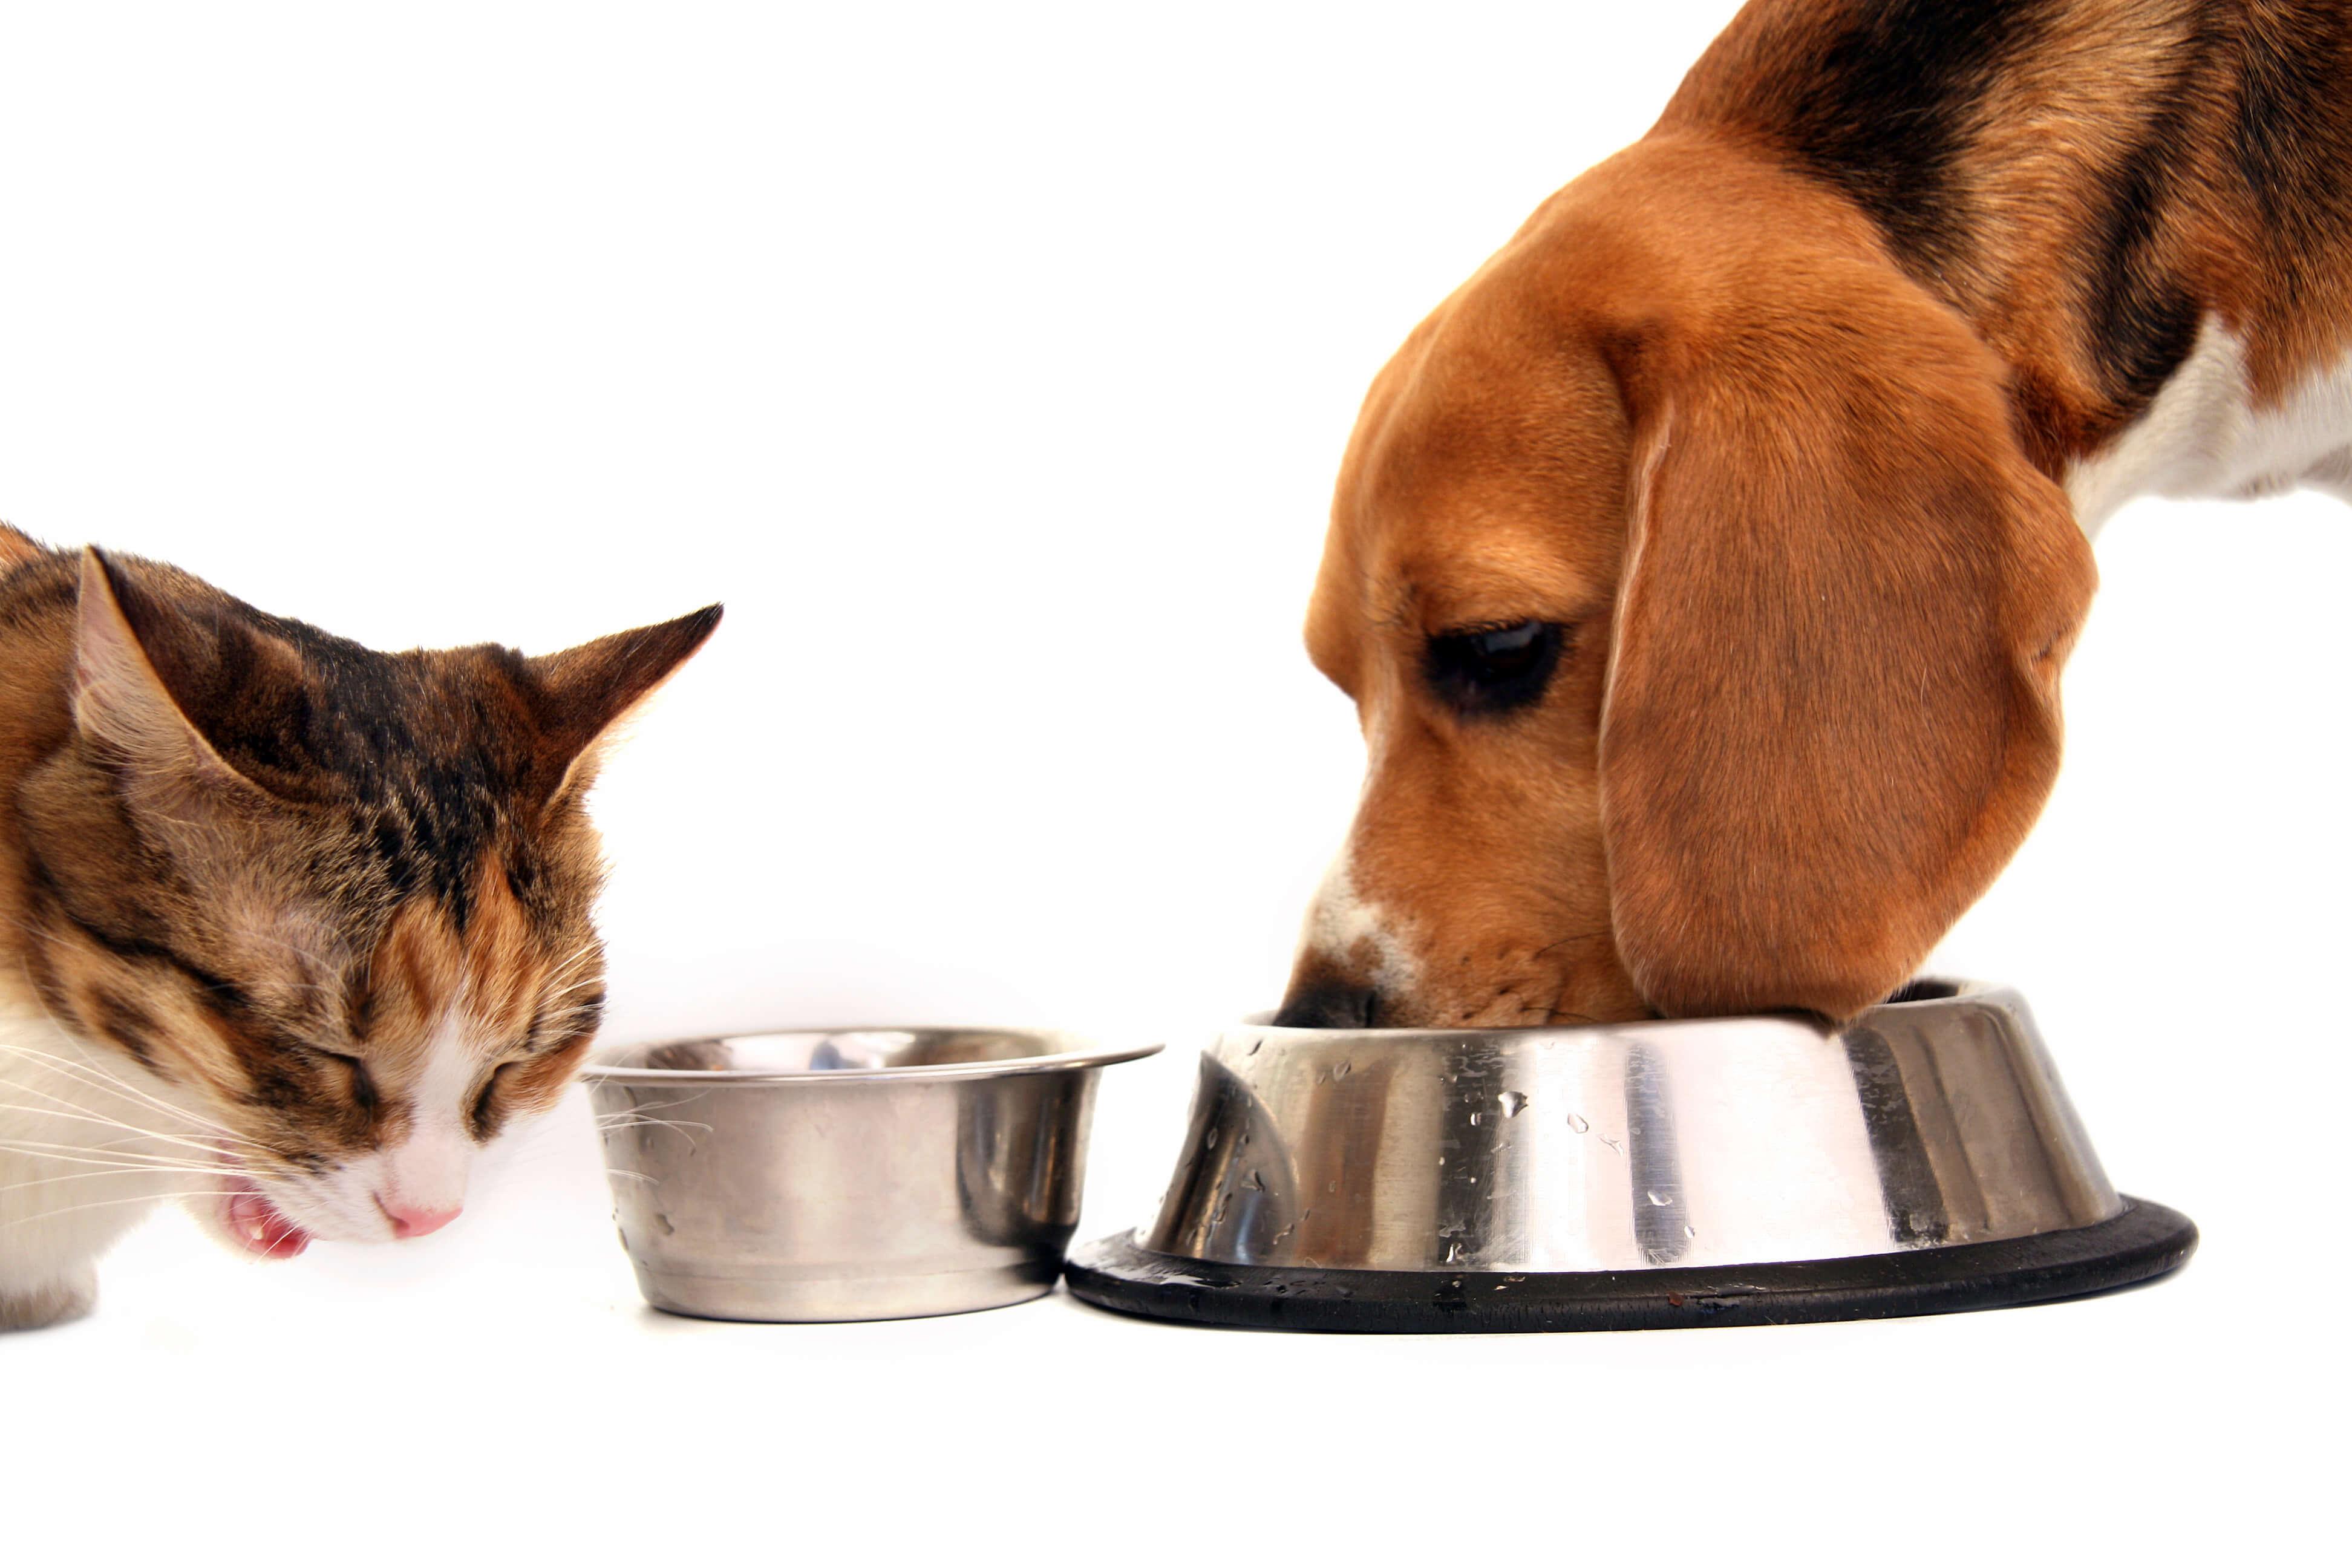 エサを食べる猫と犬